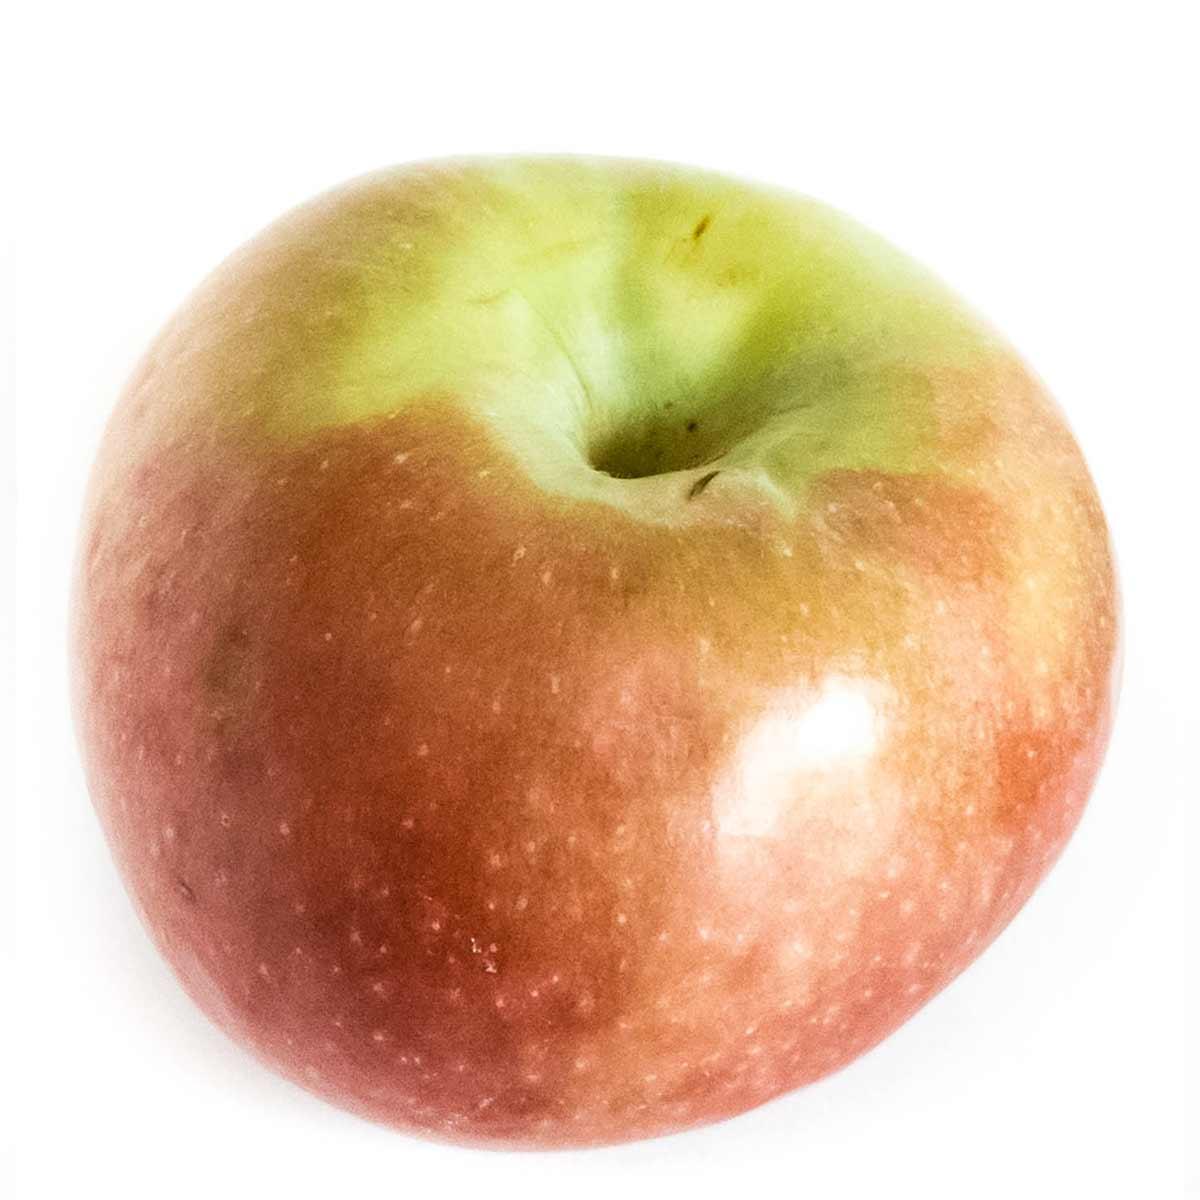 Apple varieties: Jonamac